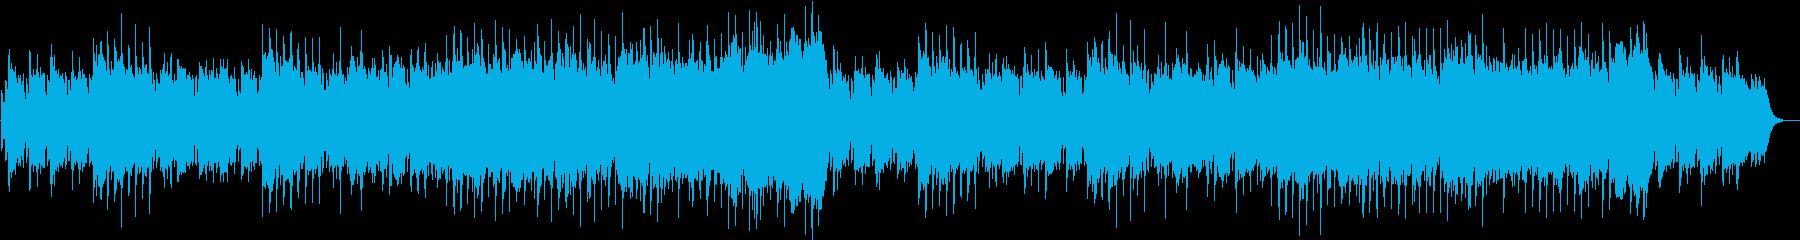 ジムノペディ オルゴールオーケストラの再生済みの波形